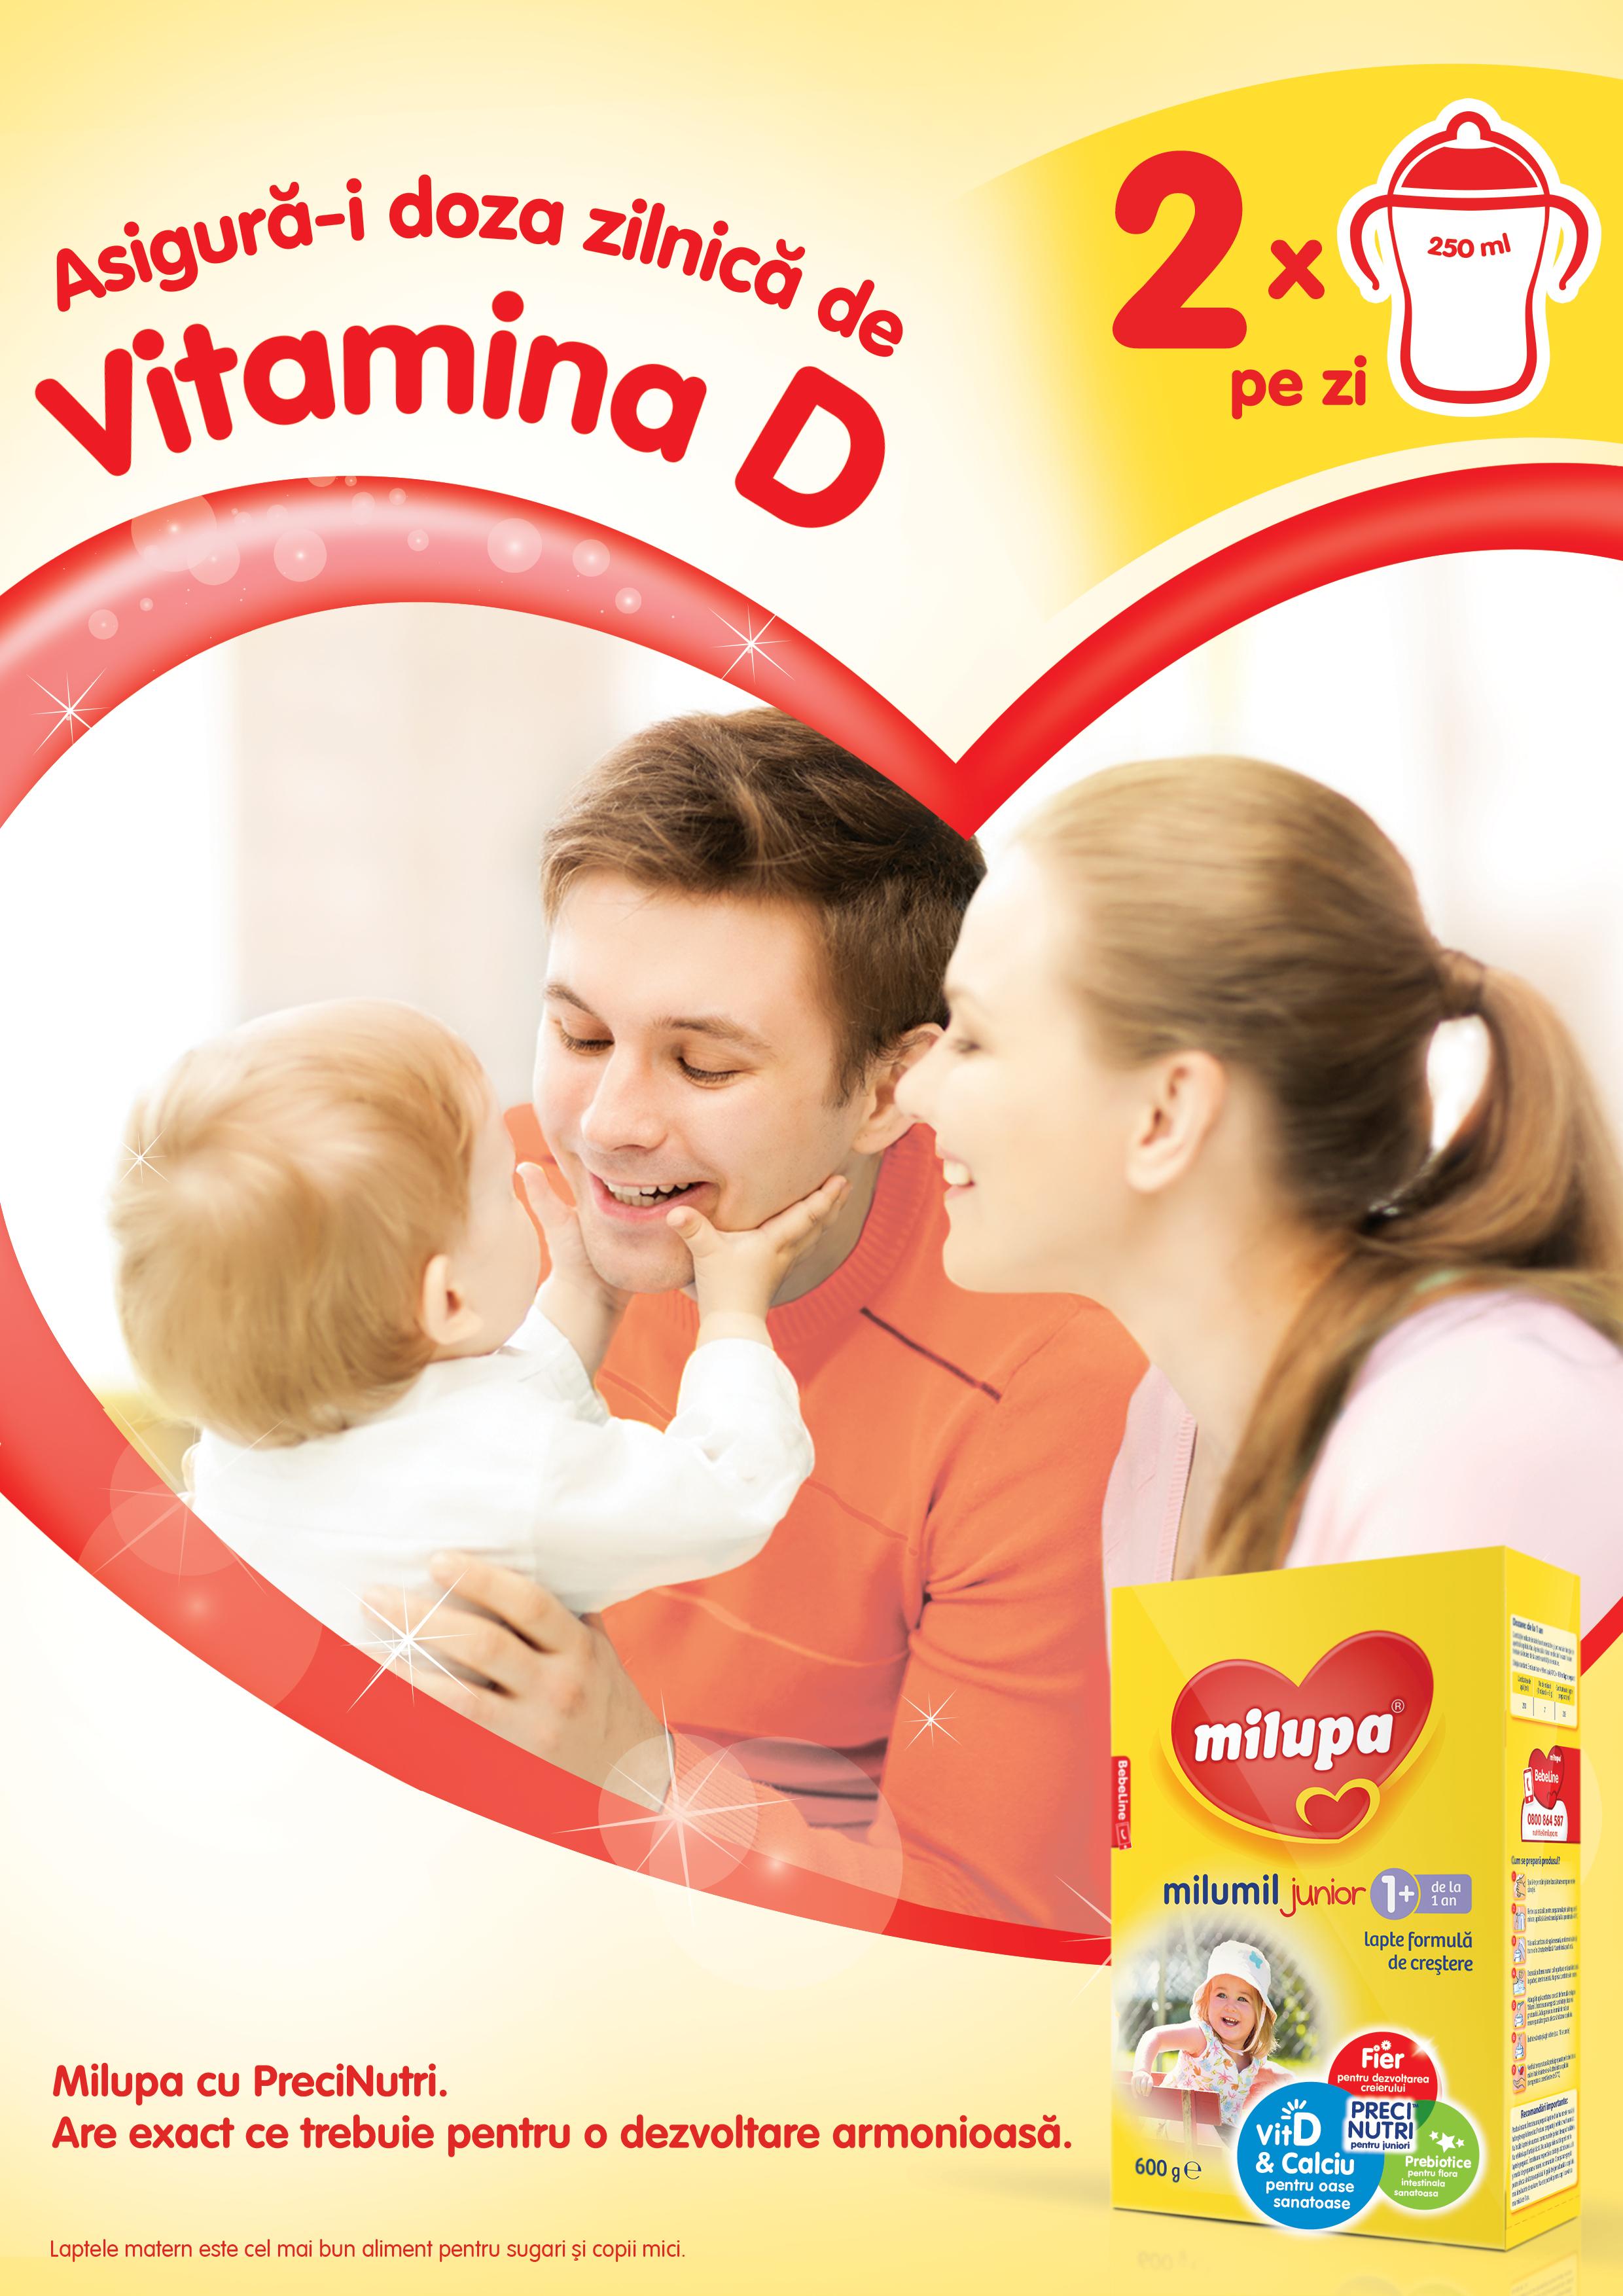 Milupa Milumil ajuta la sustinerea aportului zilnic de Vitamina D in alimentatia copiilor